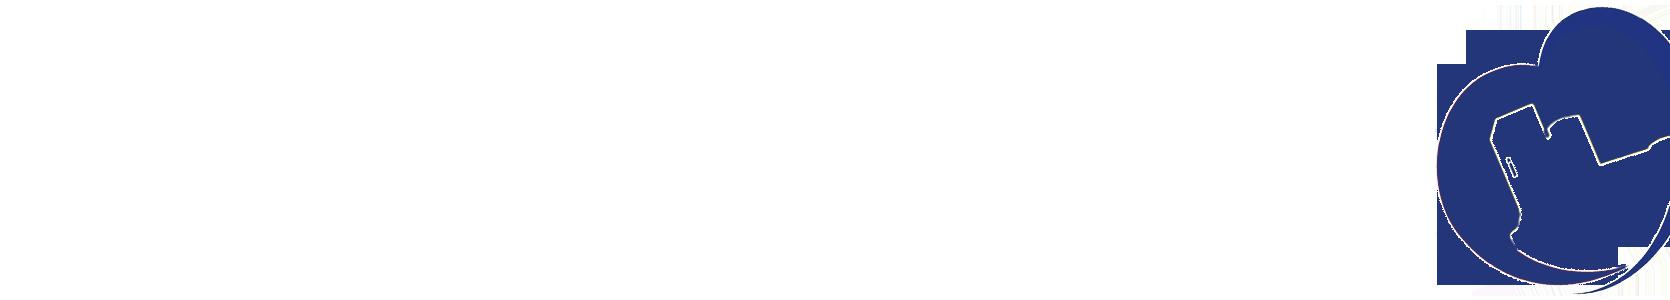 contador azul